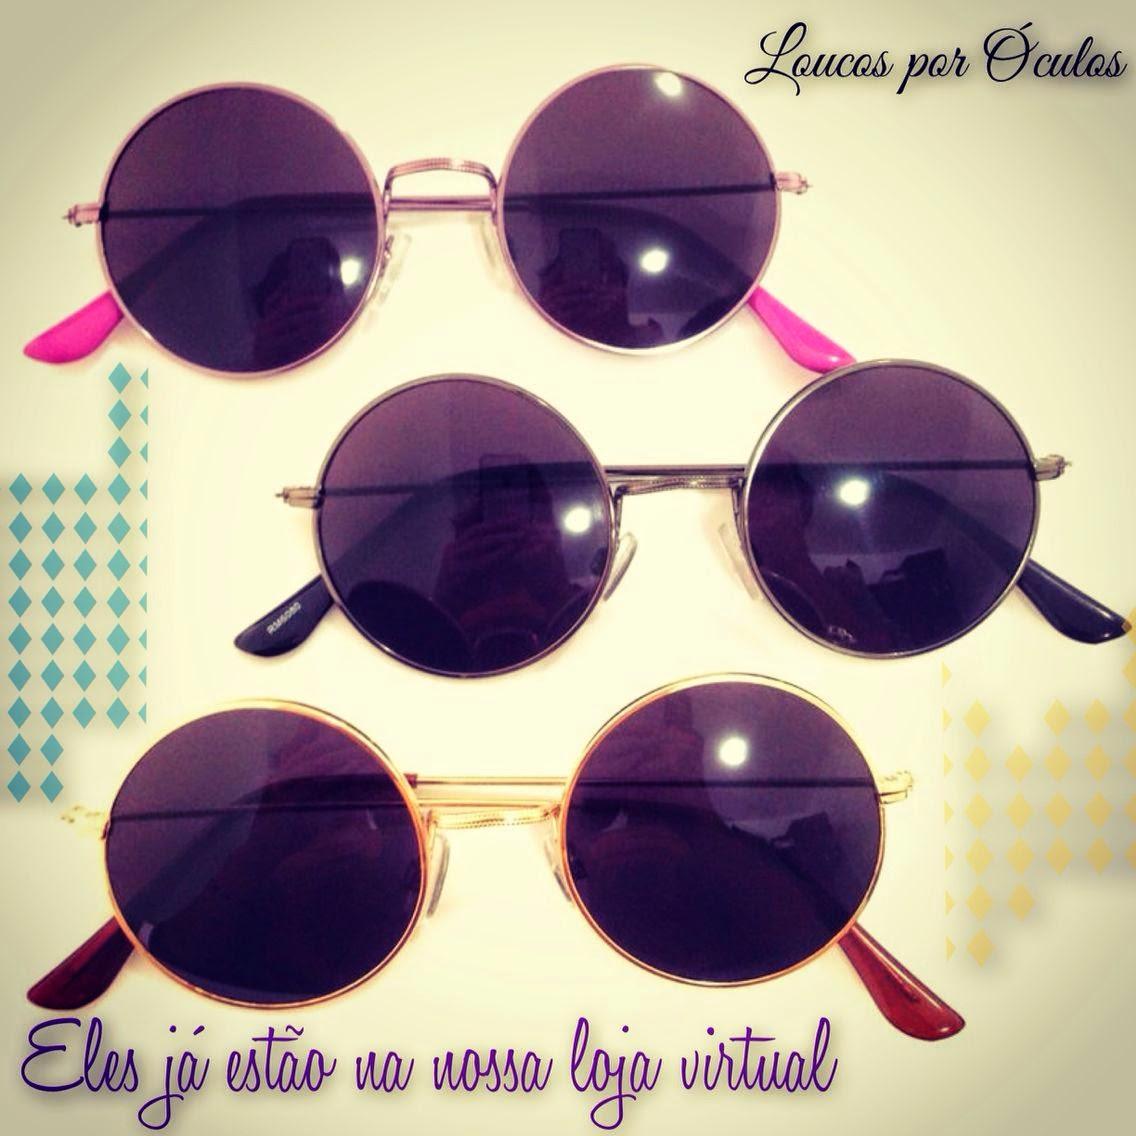 Hoje, você vai adquirir os seus óculos redondinhos por apenas r  90,00  (armação) e r  110,00 (solar). São 3 cores  Metal dourado, metal lilás e  metal chumbo ... 8cd1979736